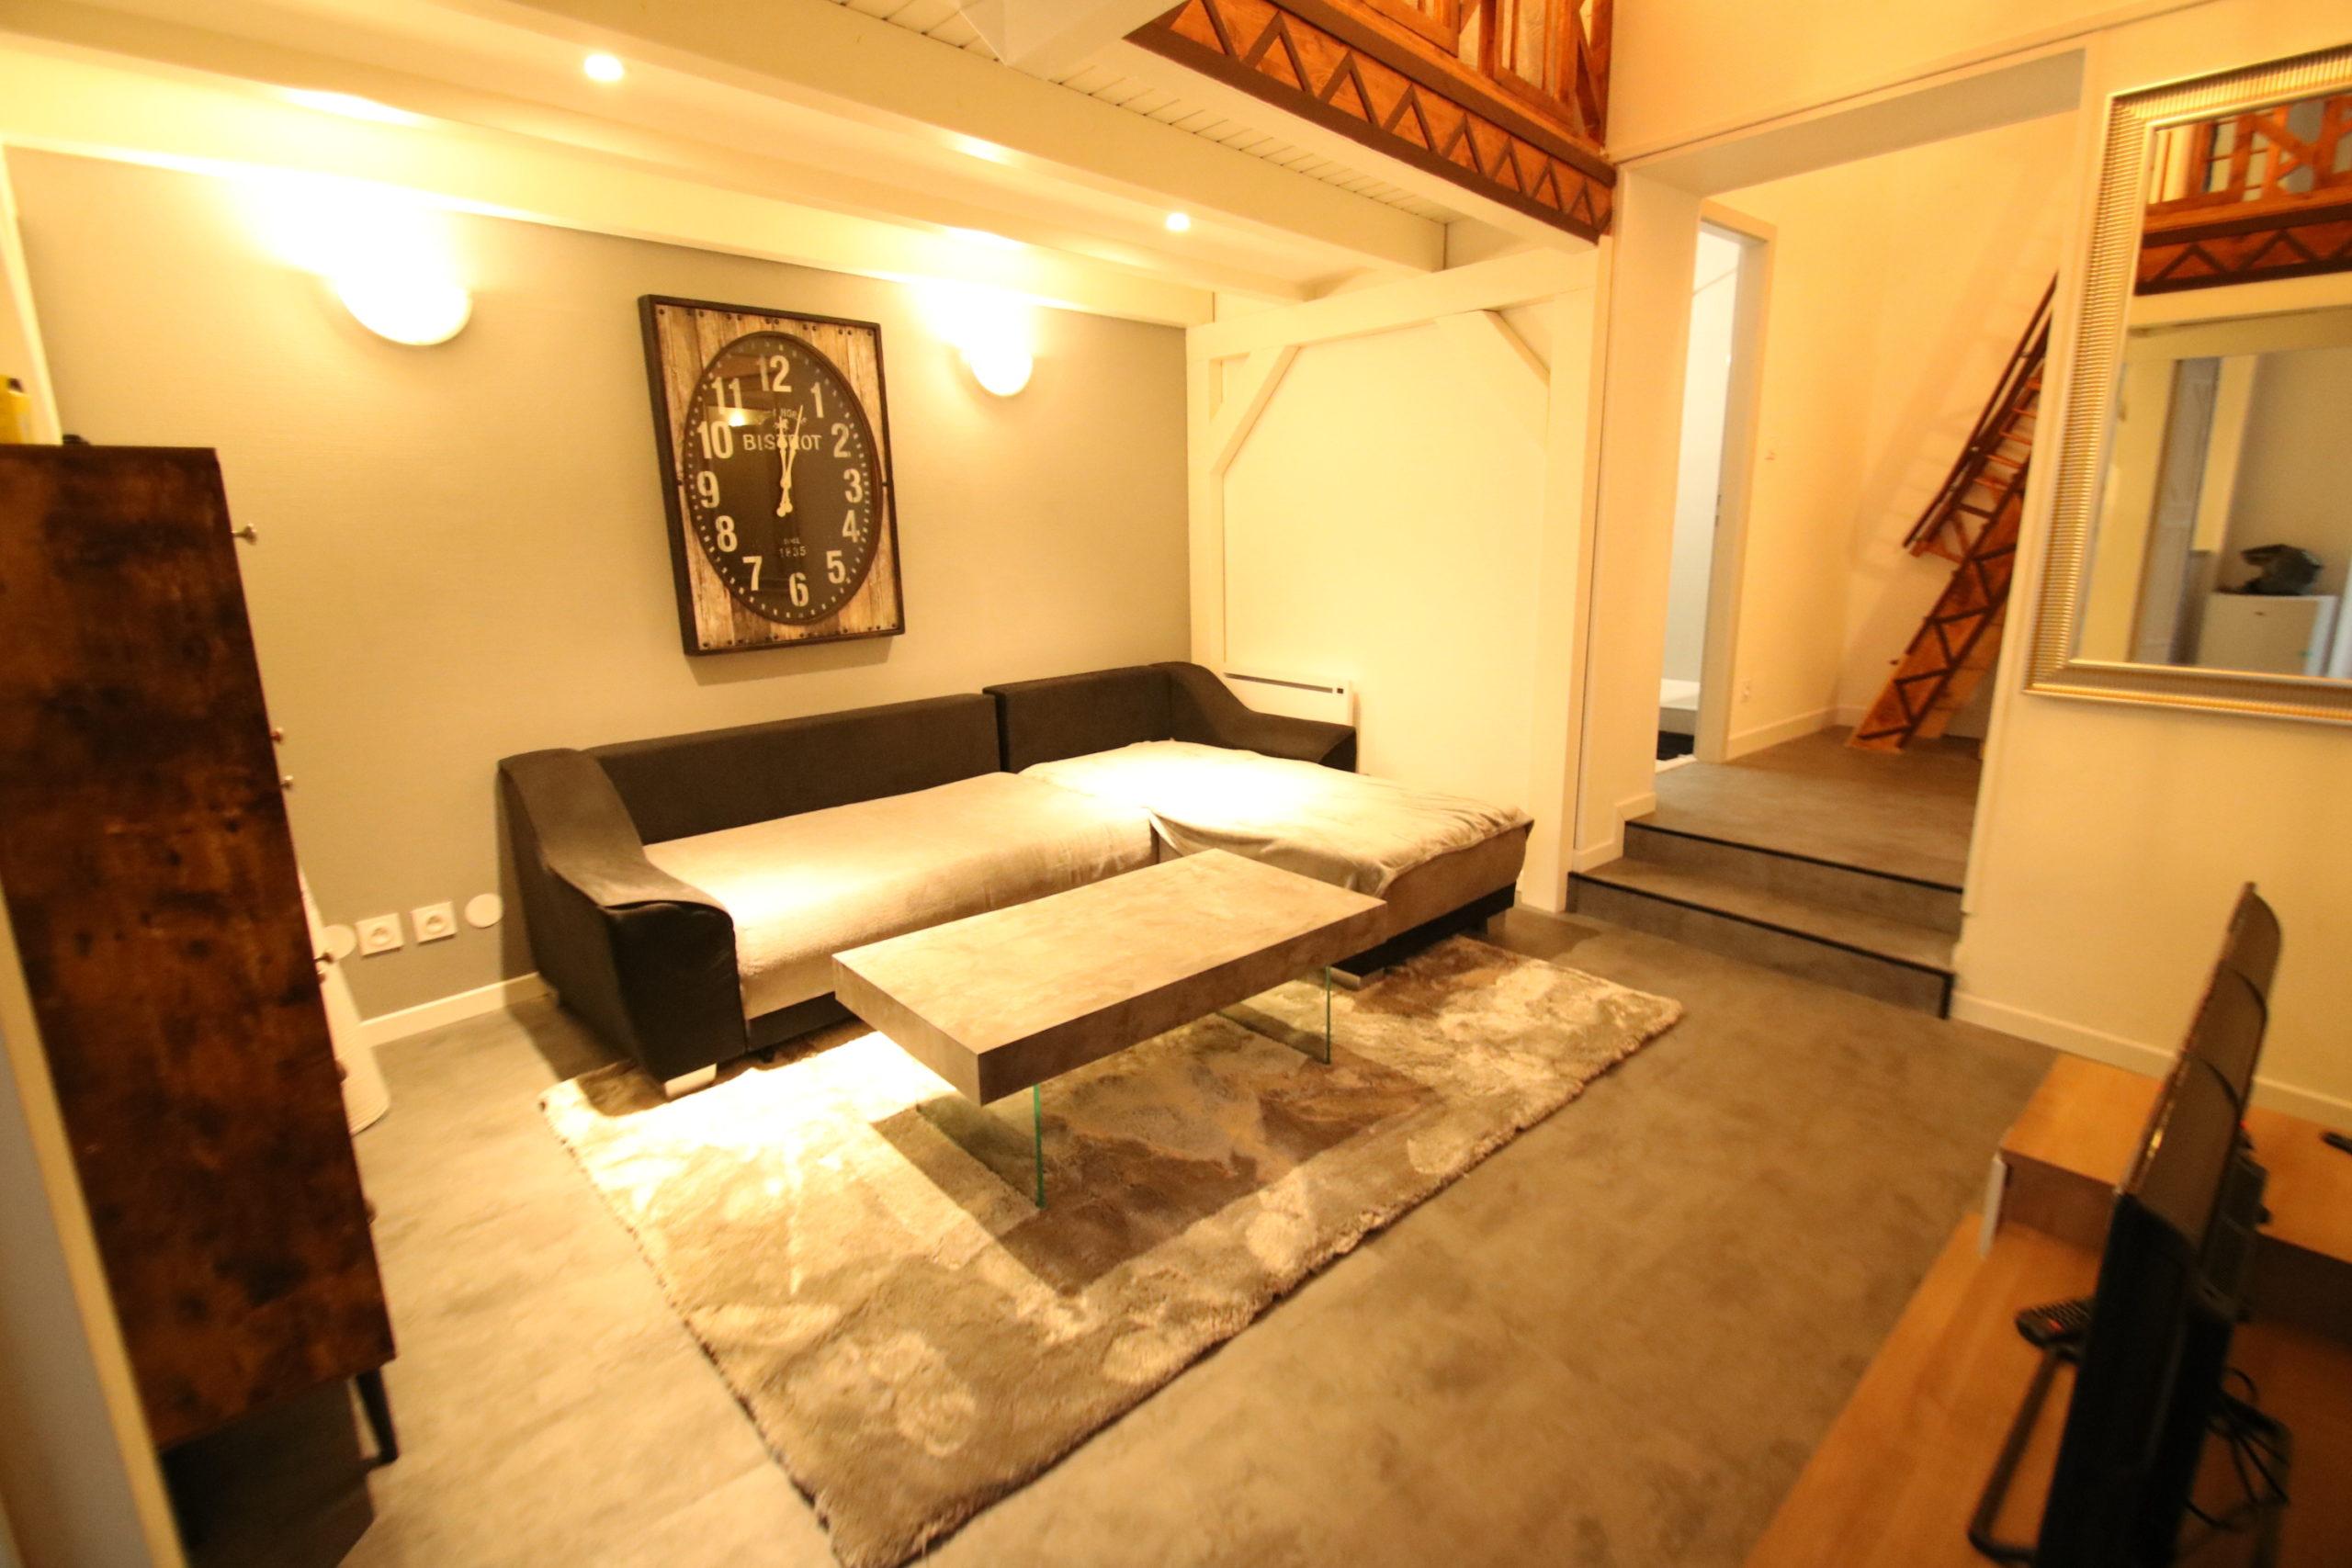 Magnifique 2 pièces 44.9m² meublé en duplex en hyper centre de STRASBOURG